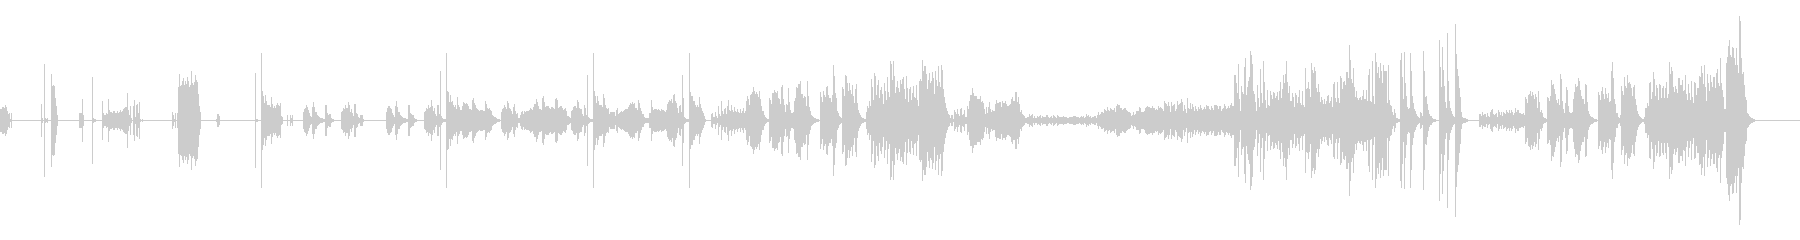 オーボエ・弦・打楽器・ピアノの七重奏の未再生の波形